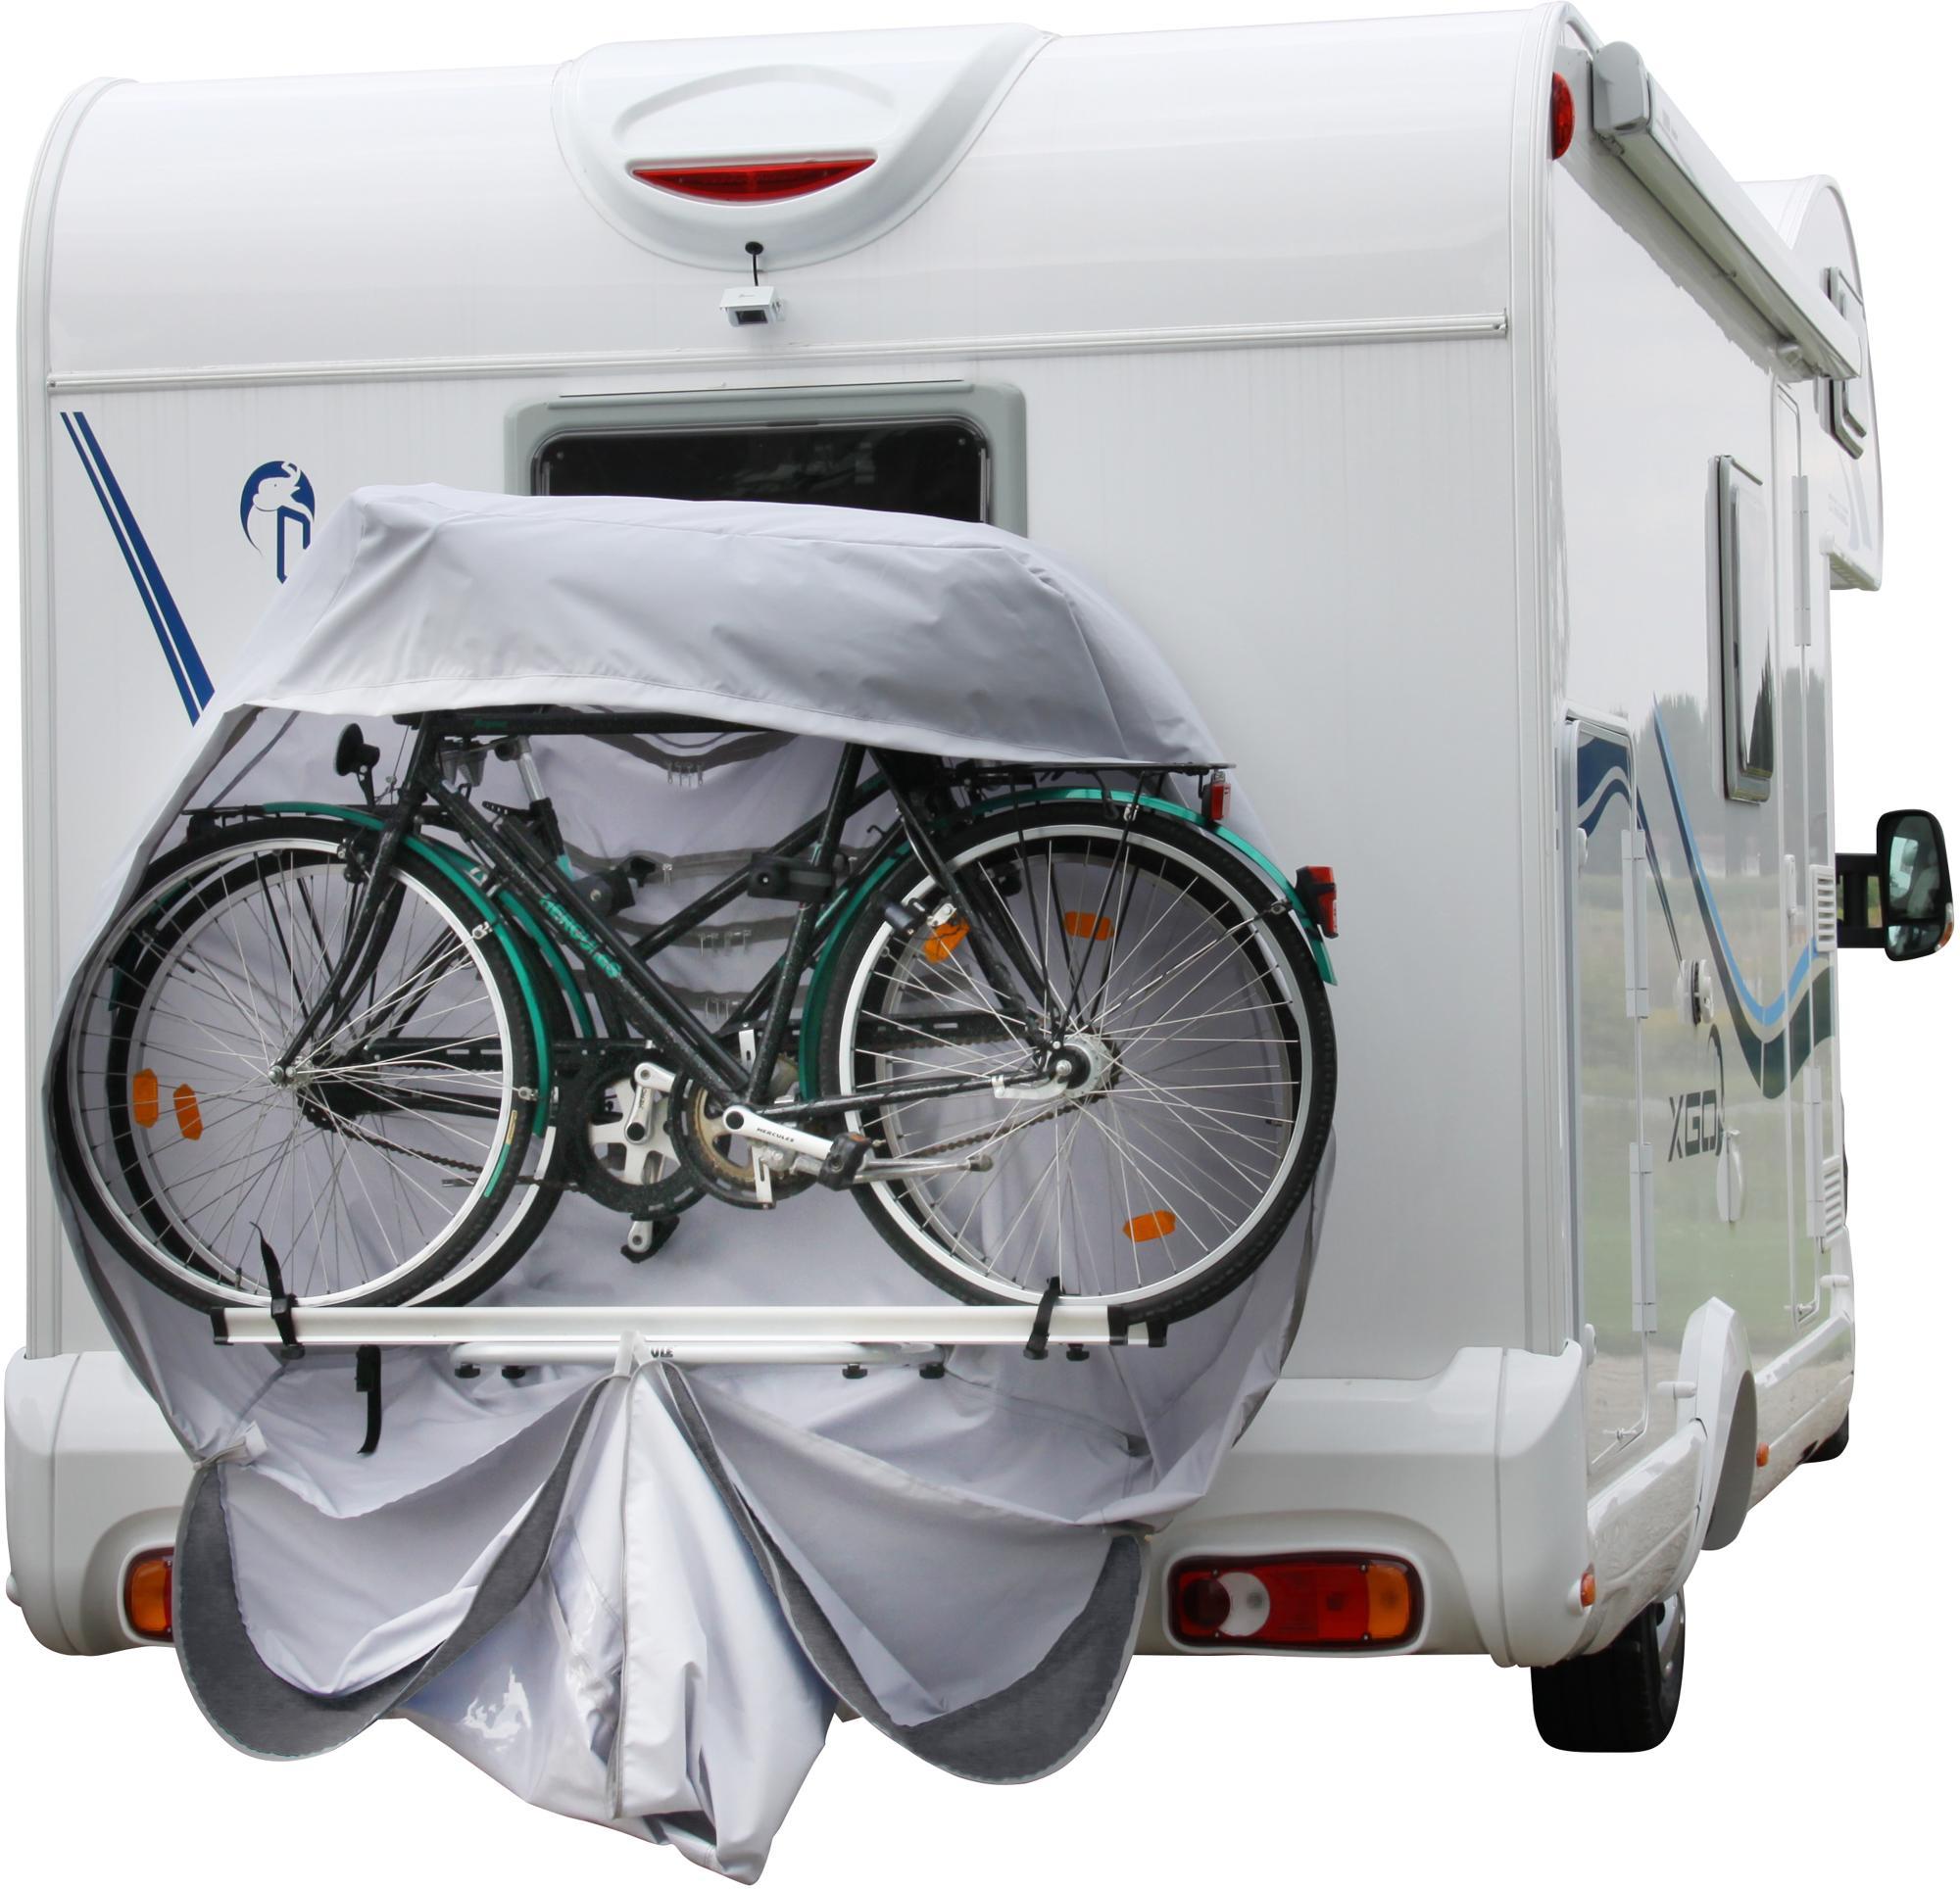 fahrradschutzh lle hindermann concept zwoo 4 r der von. Black Bedroom Furniture Sets. Home Design Ideas